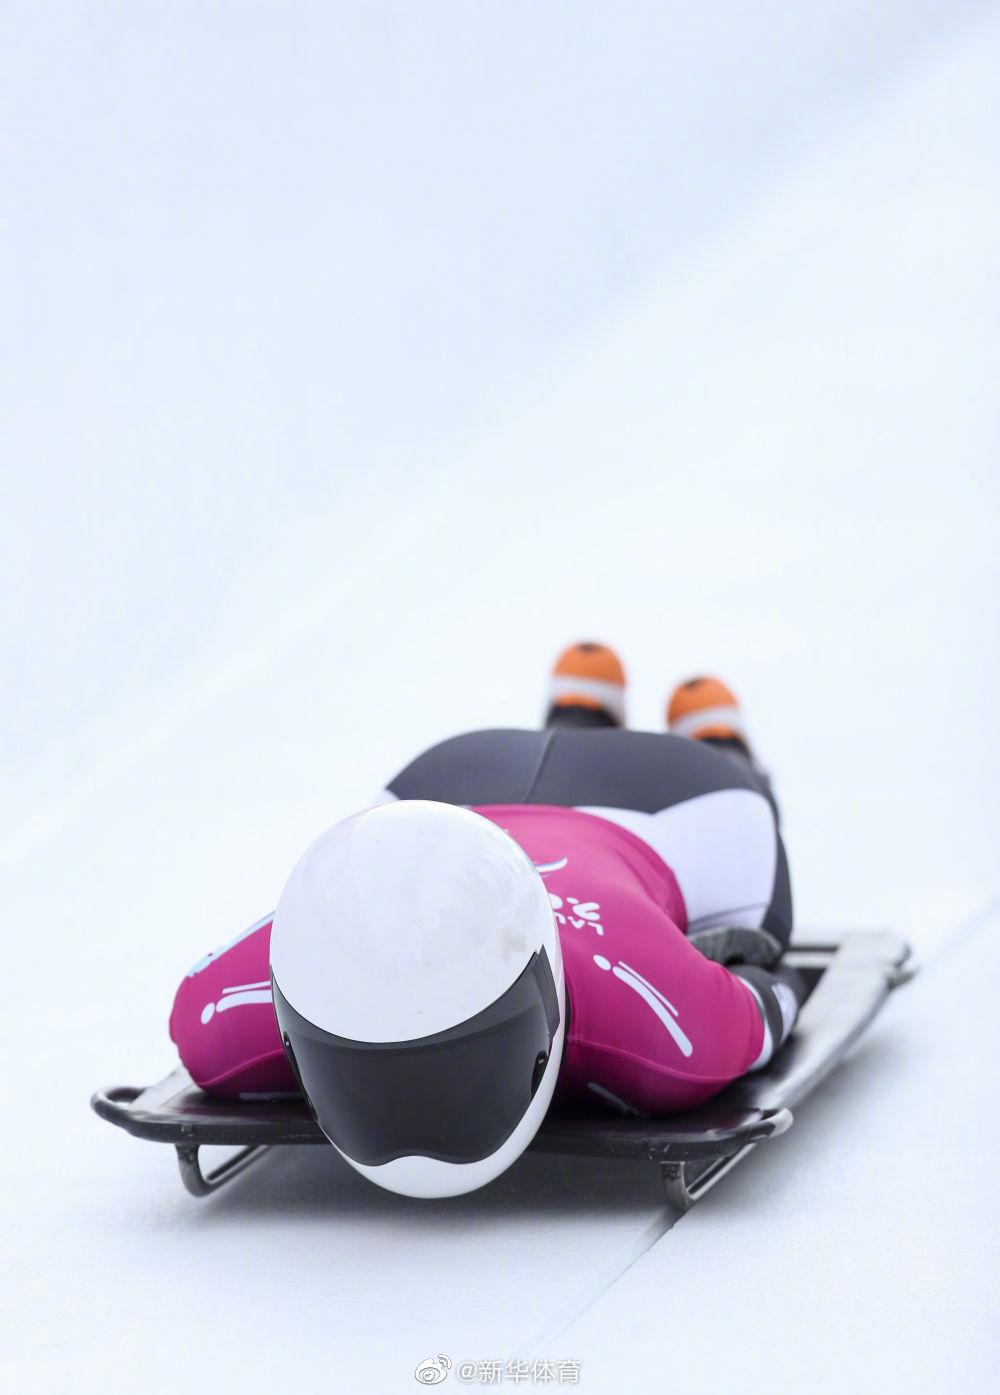 冬青奥钢架雪车中国小将赵丹首登大赛获第七